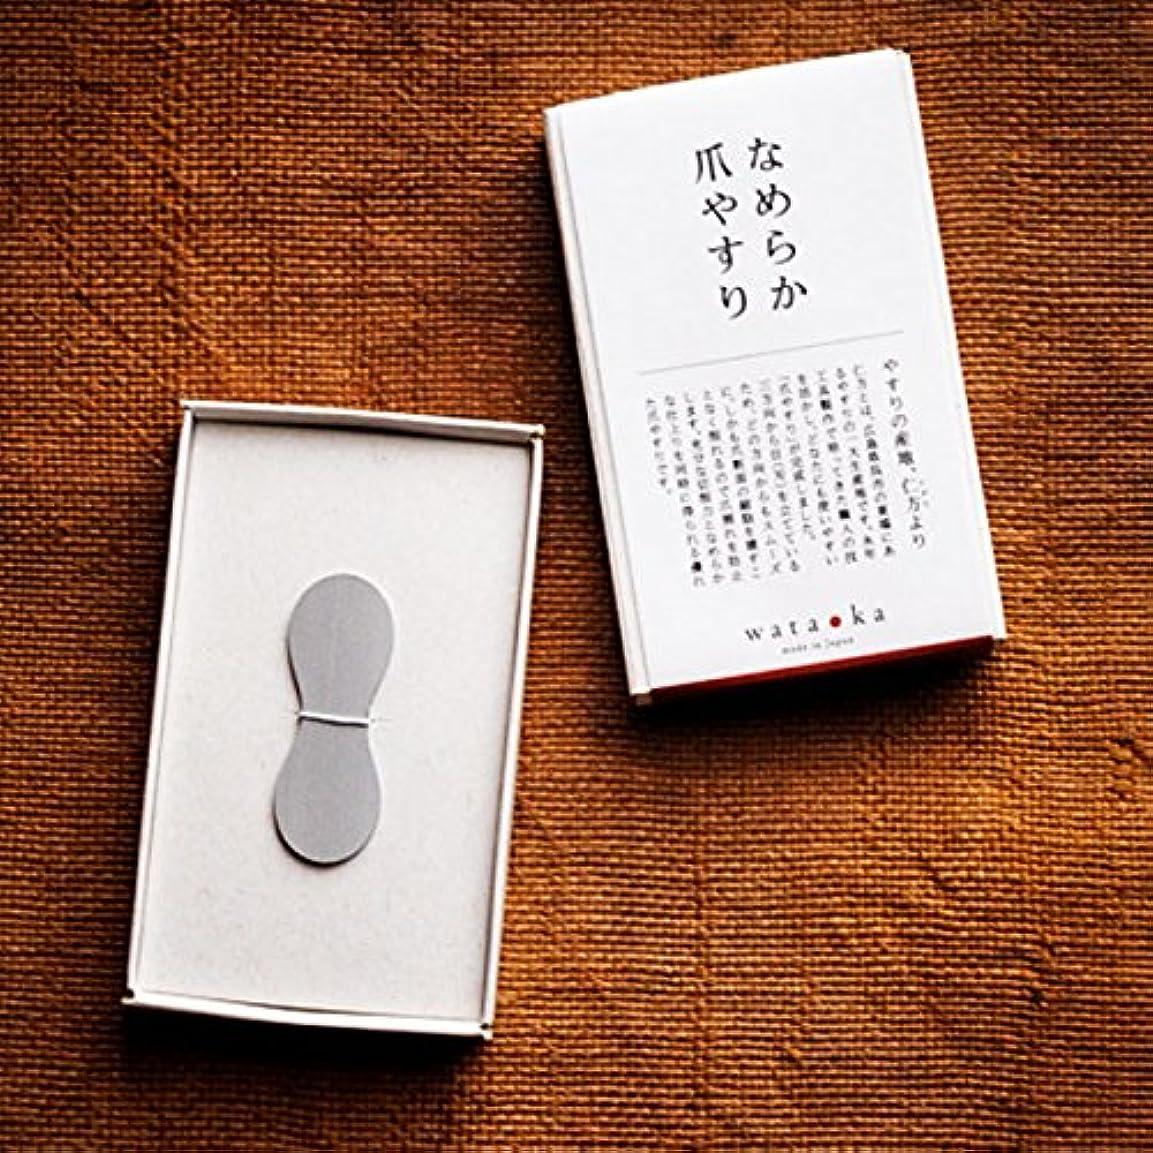 もろいご意見包帯wataoka 鑢のワタオカ 爪やすり (専用パッケージ入り)